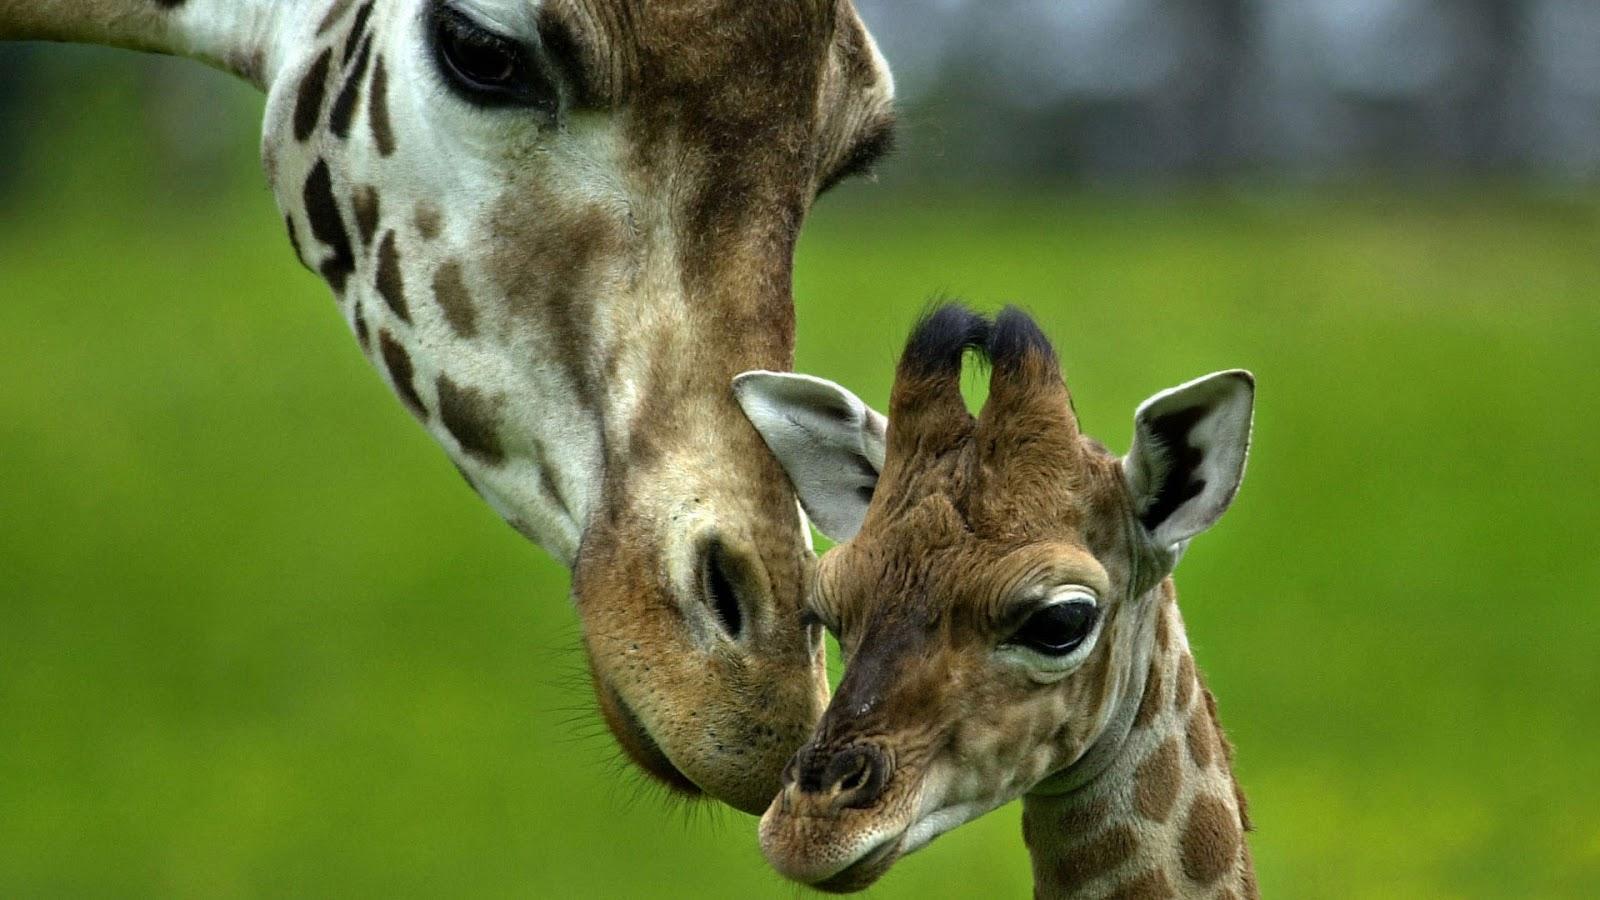 Imágenes De Animales En Hd Para Fondo De Pantalla: Imagenes Hilandy: Fondo De Pantalla Animales Madre Y Cria